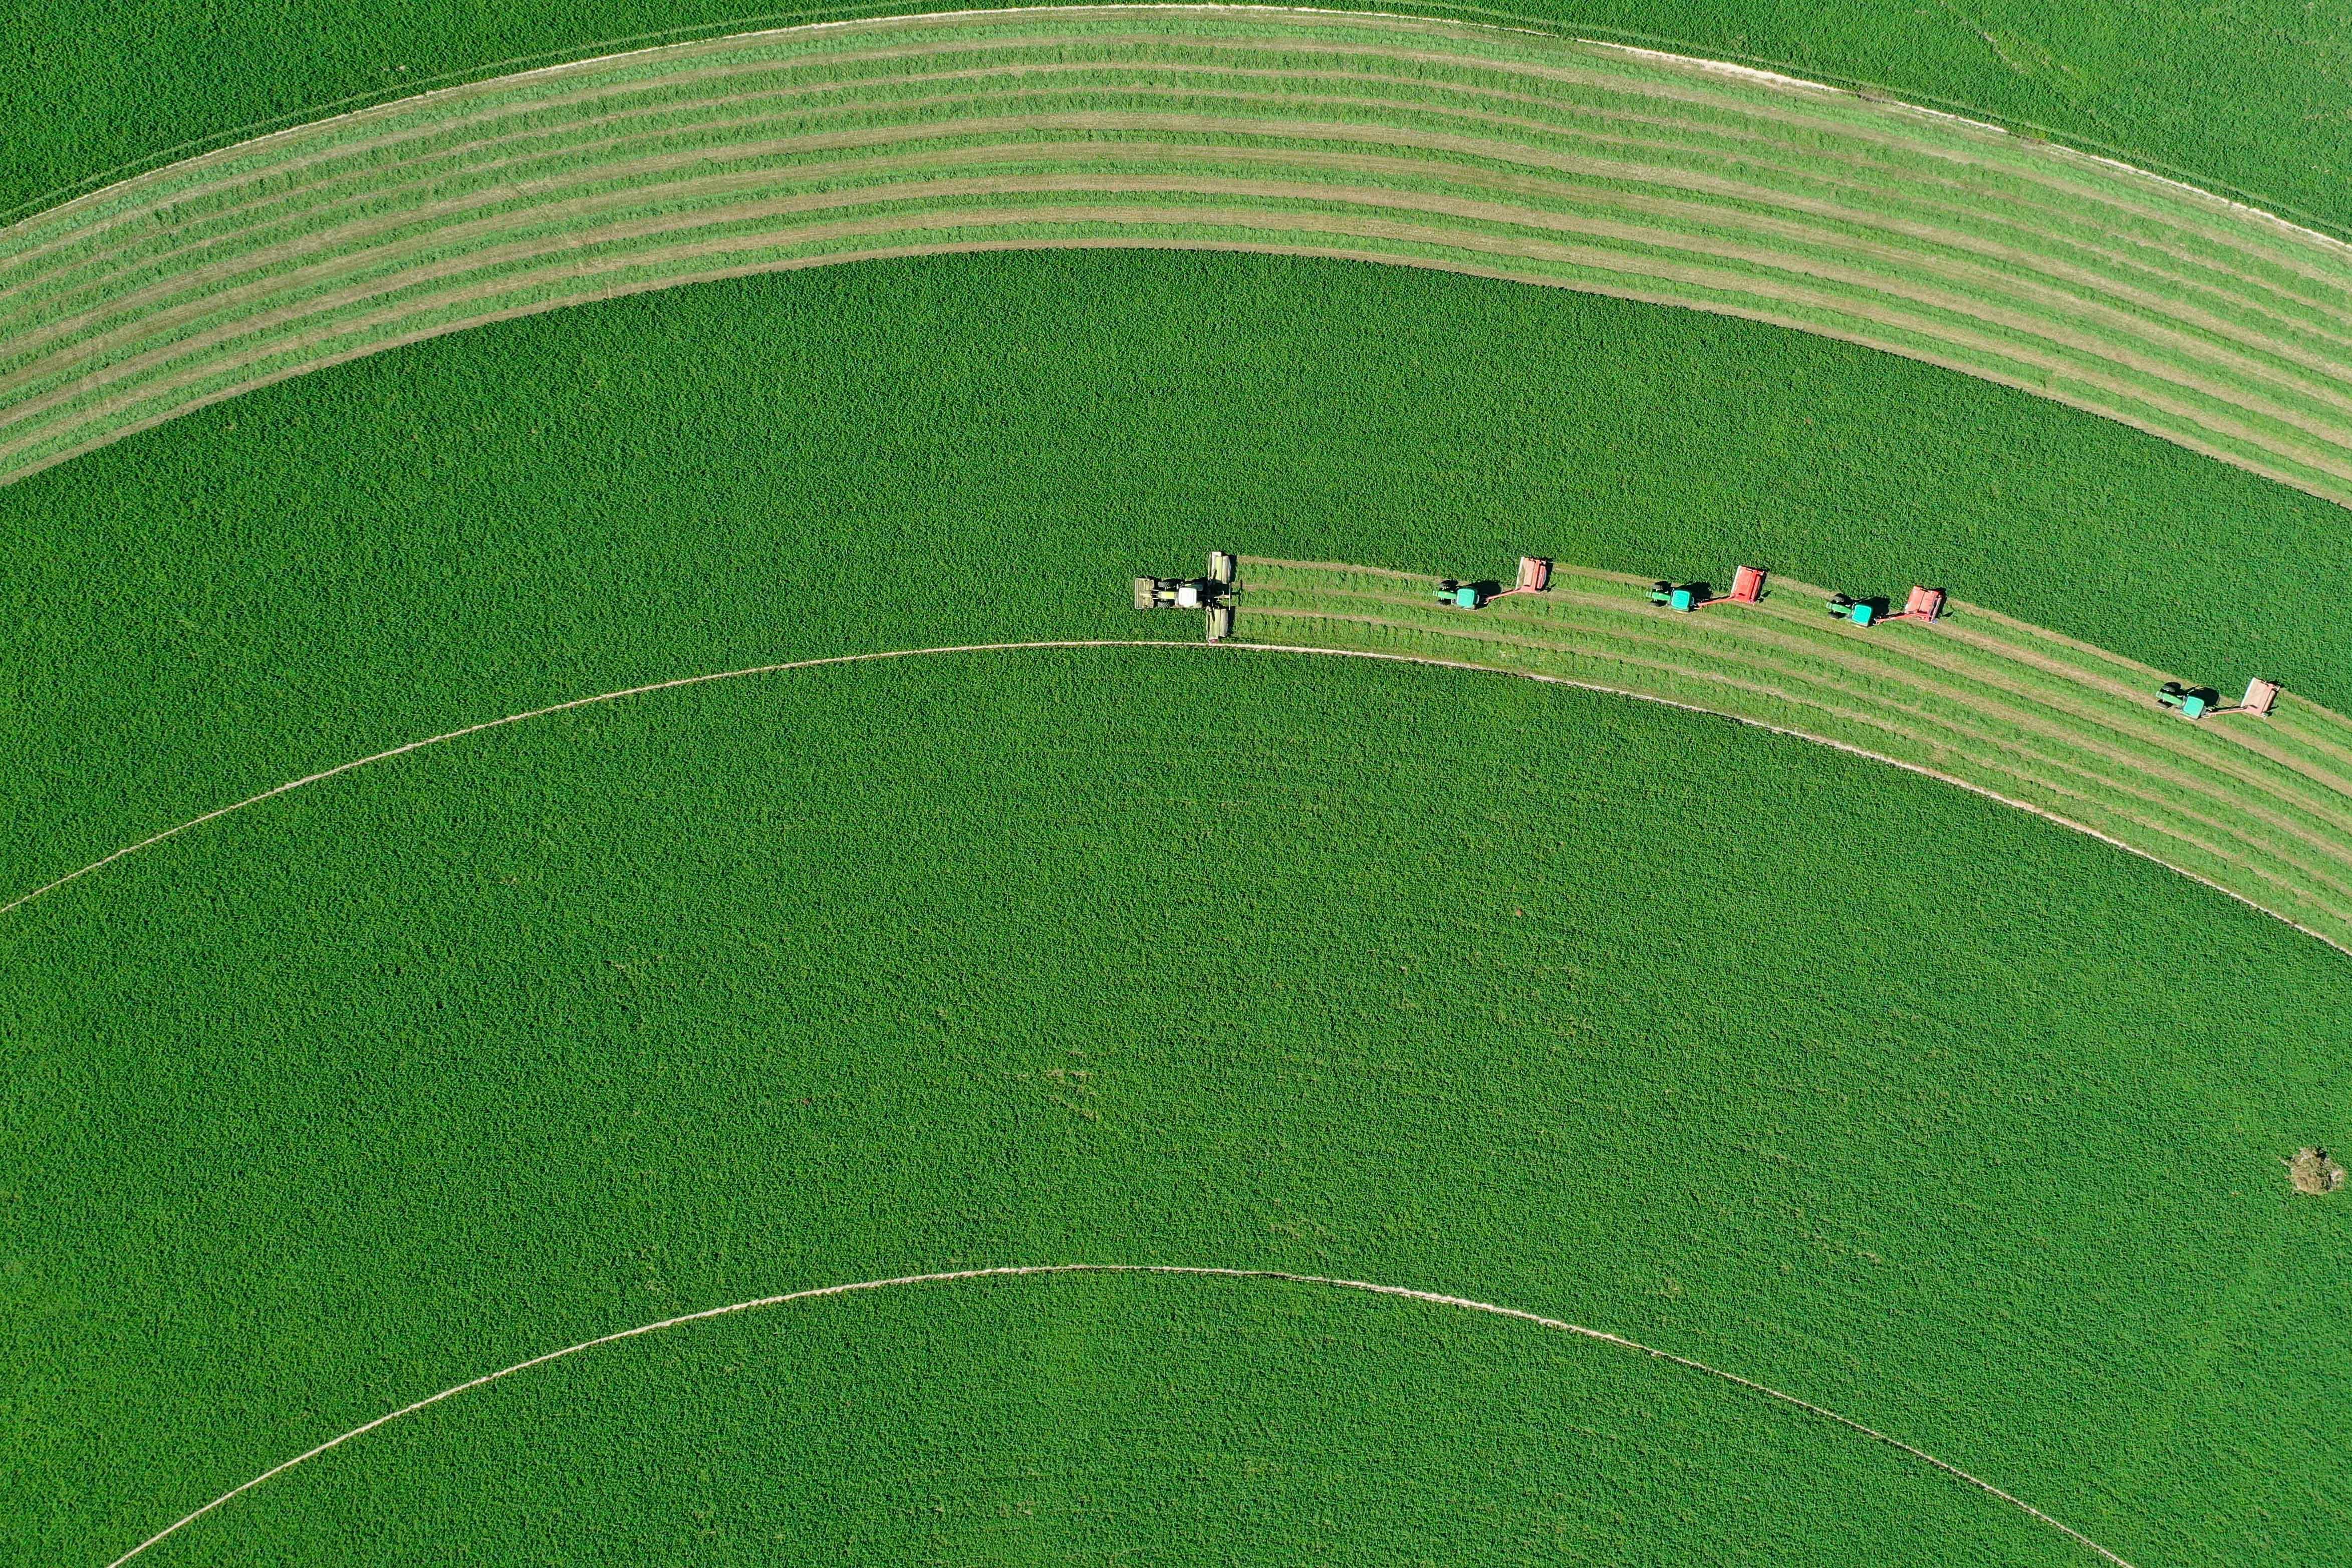 """9月20日,在阿魯科爾沁旗紹根鎮,田園牧歌草業公司在組織機械收割苜蓿(無人機航拍)。 9月23日是中國農民豐收節,新華社記者用無人機帶你""""瞰""""大江南北的豐收景象。 新華社記者 劉磊 攝"""